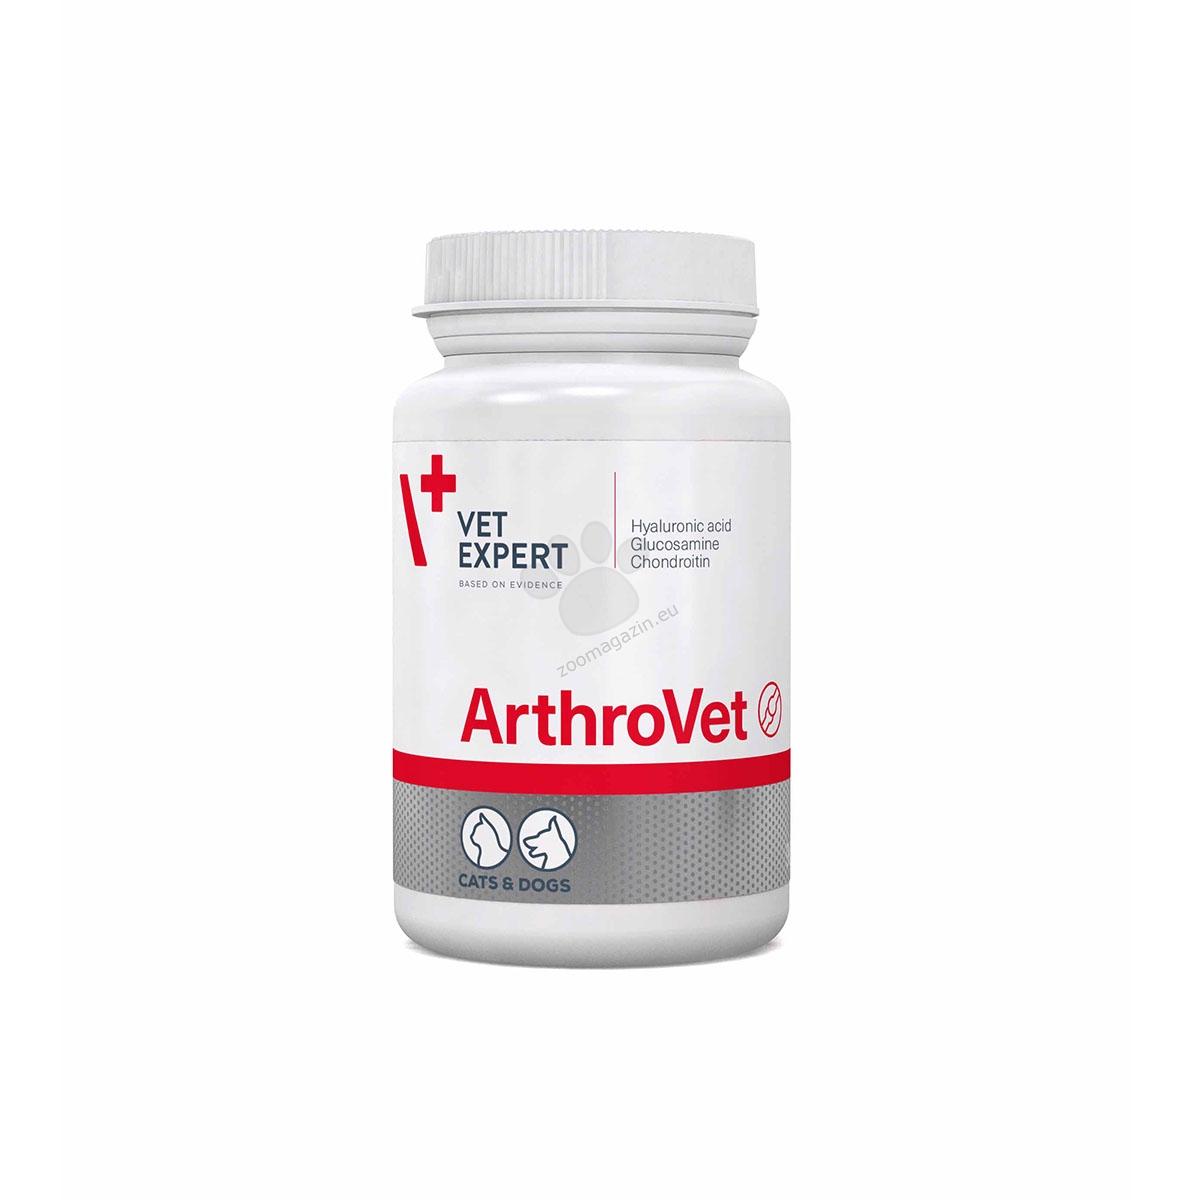 Vetexpert - ArthroVet - високо качество на достъпна цена 90 табл.